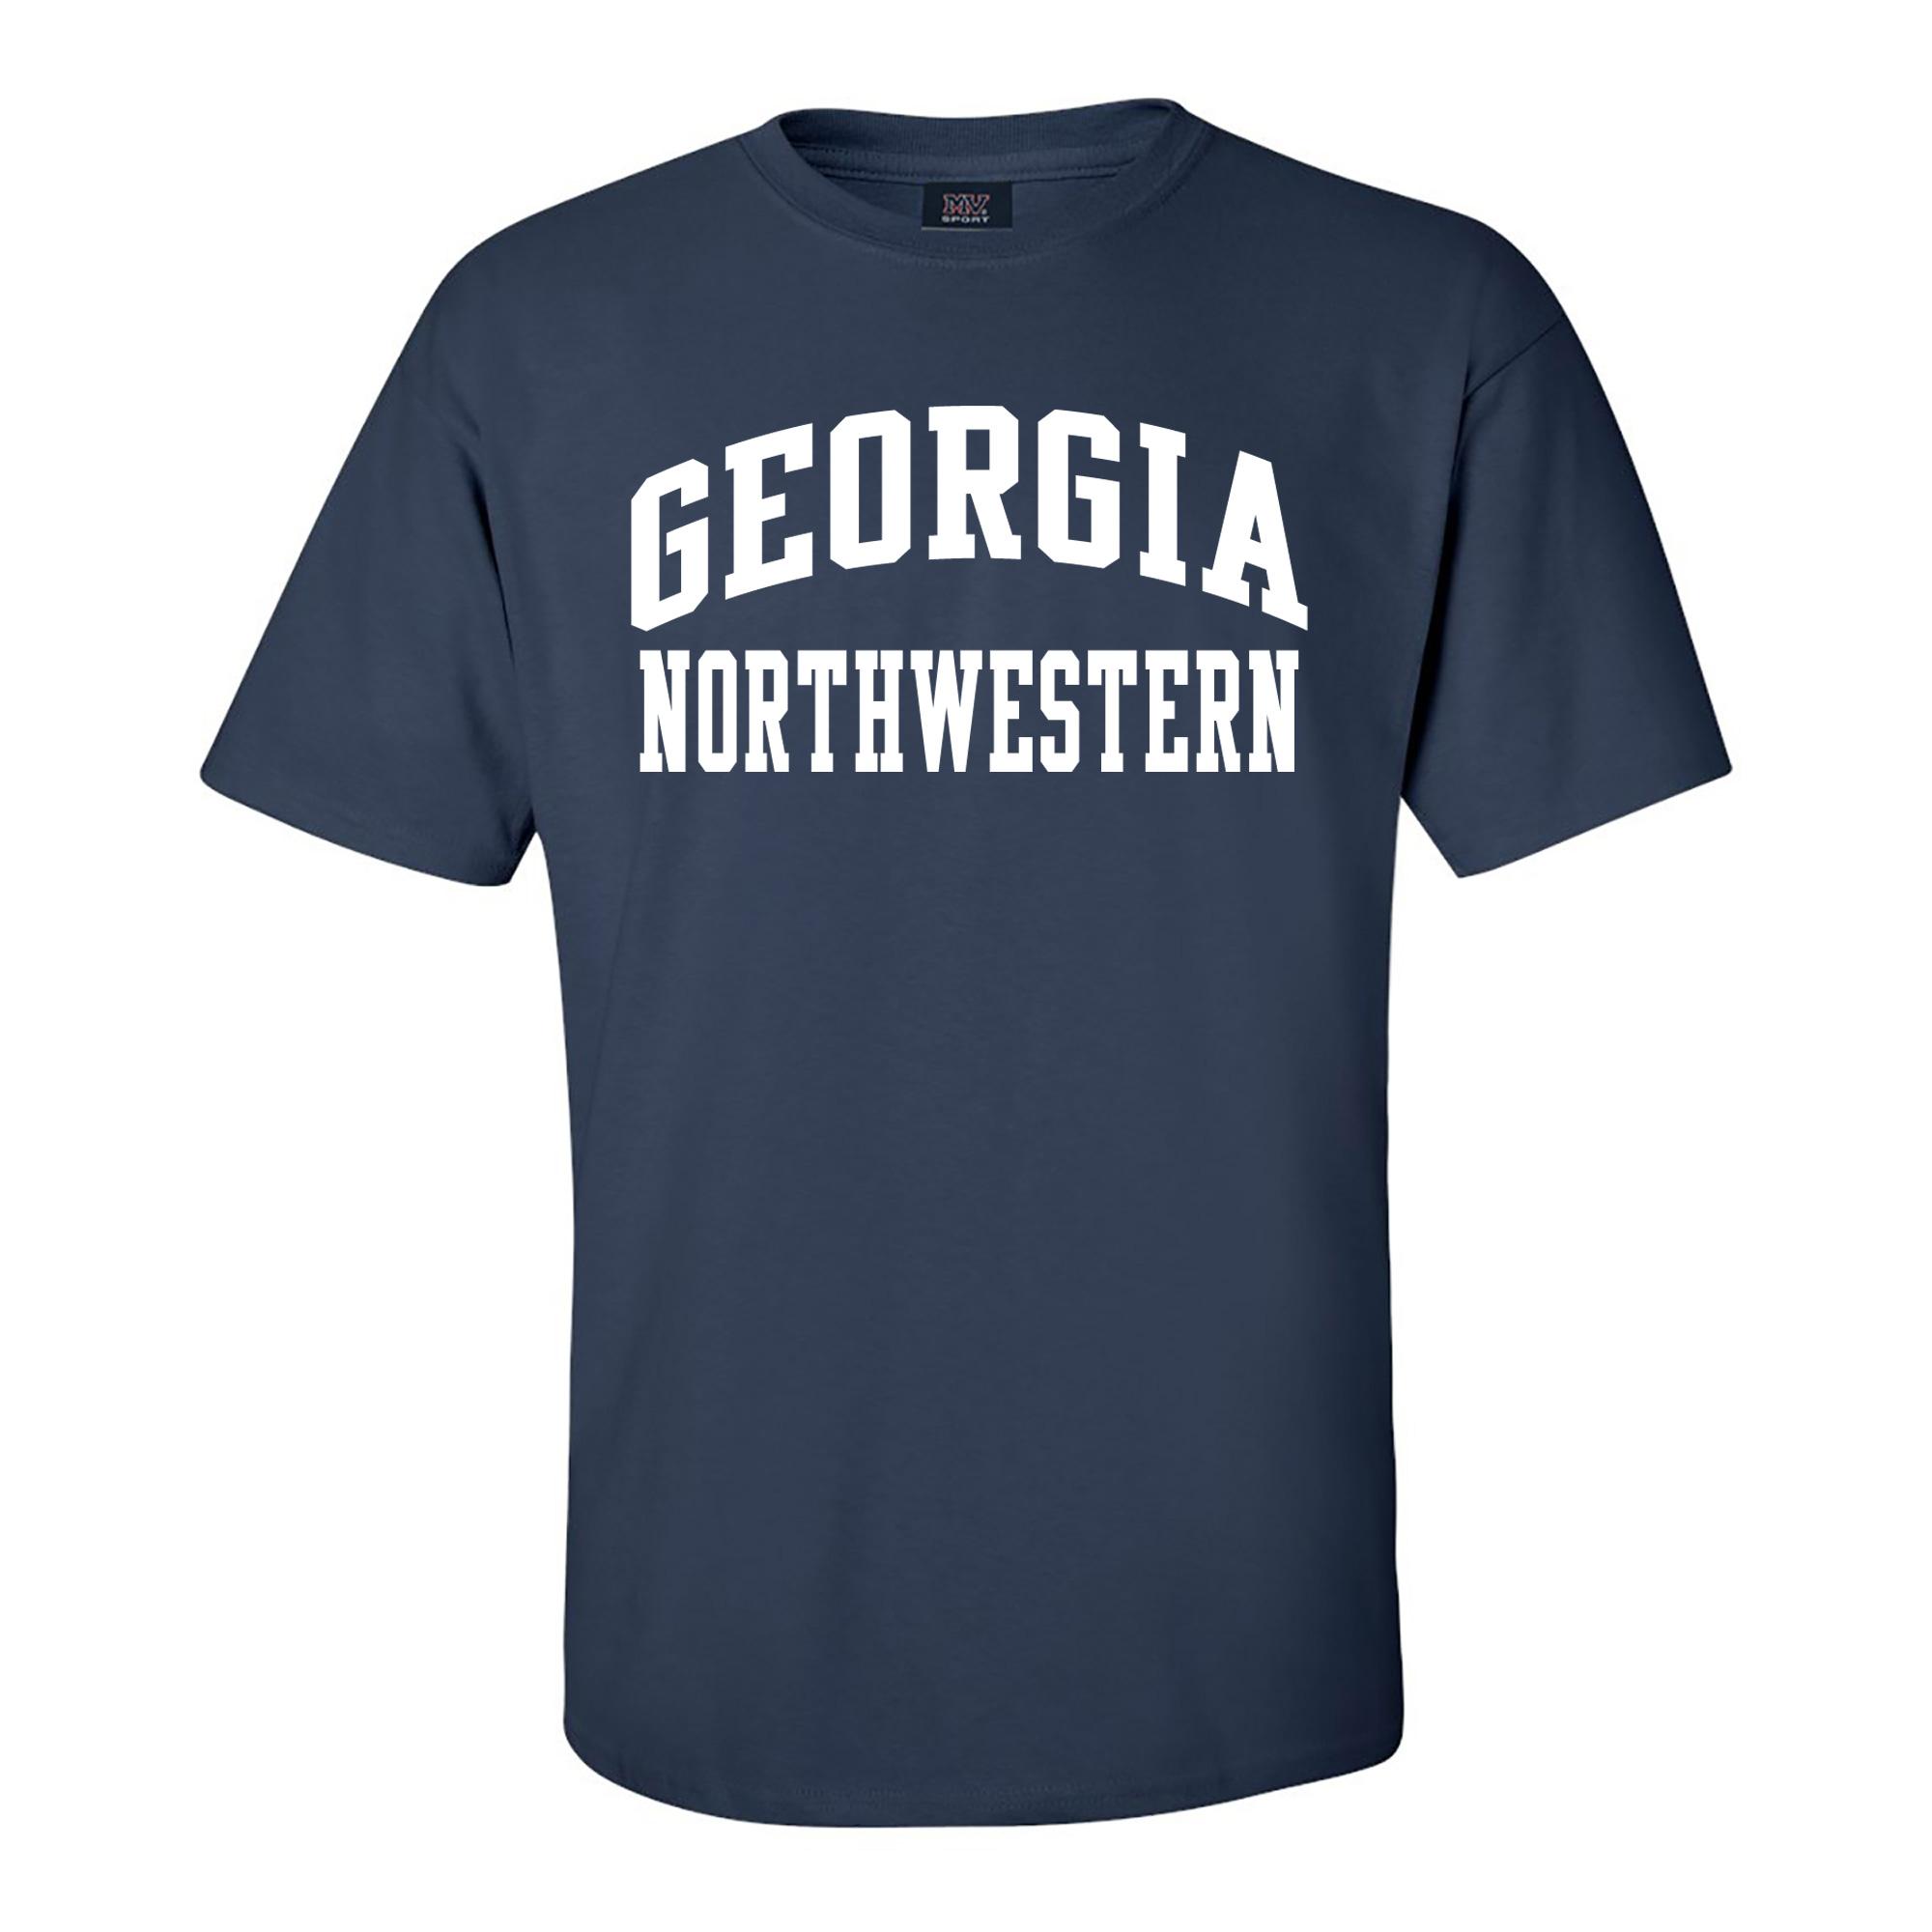 Georgia Northwestern Arch Classic Tshirt